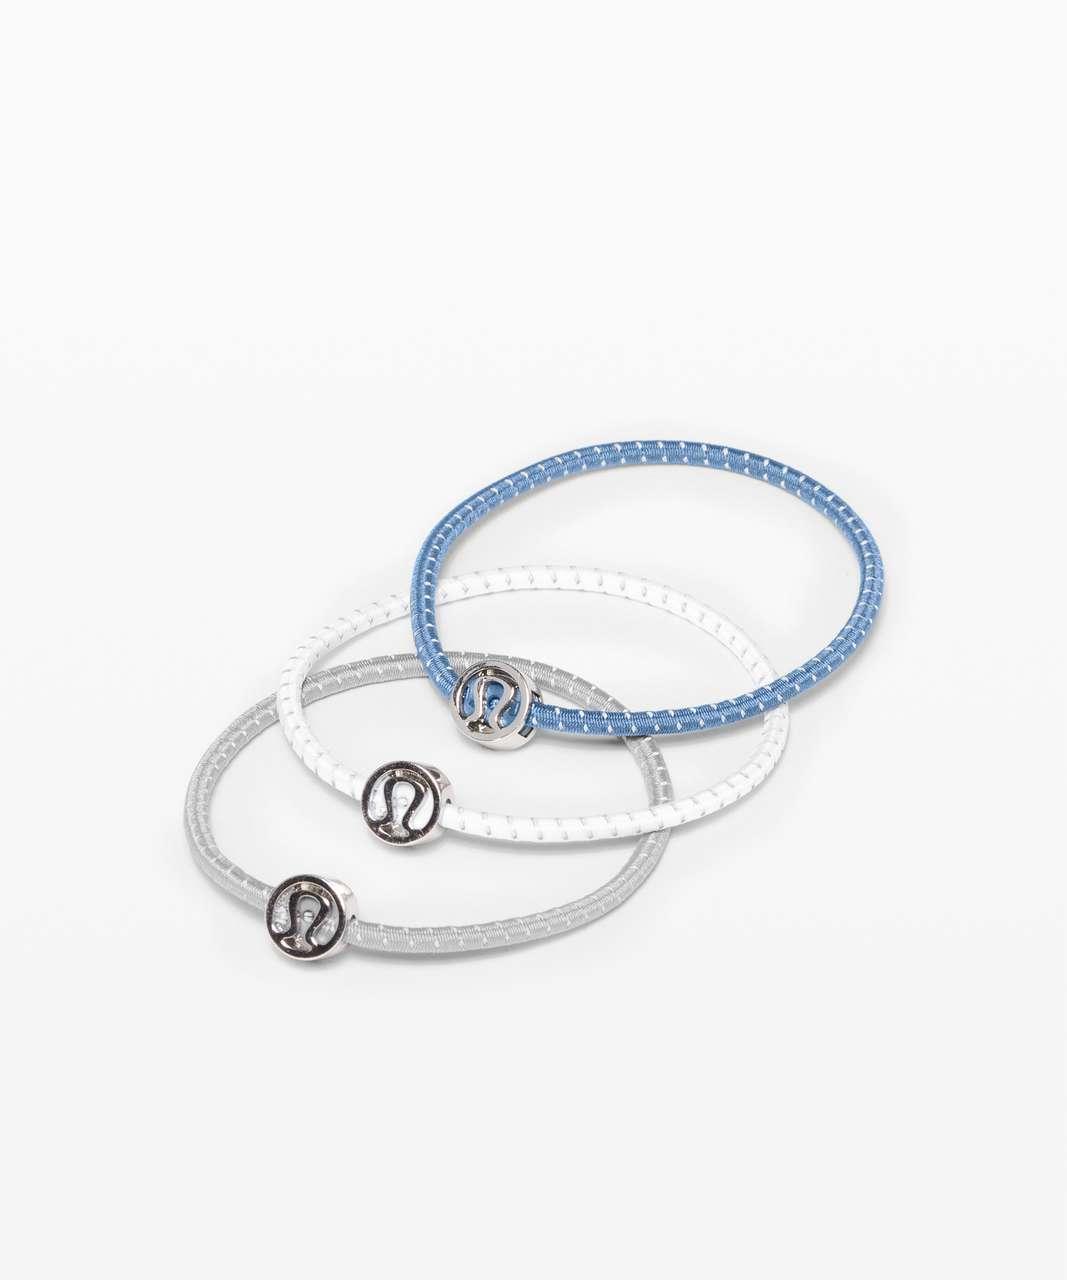 Lululemon Glow On Hair Ties - Glacier Grey / Code Blue / White